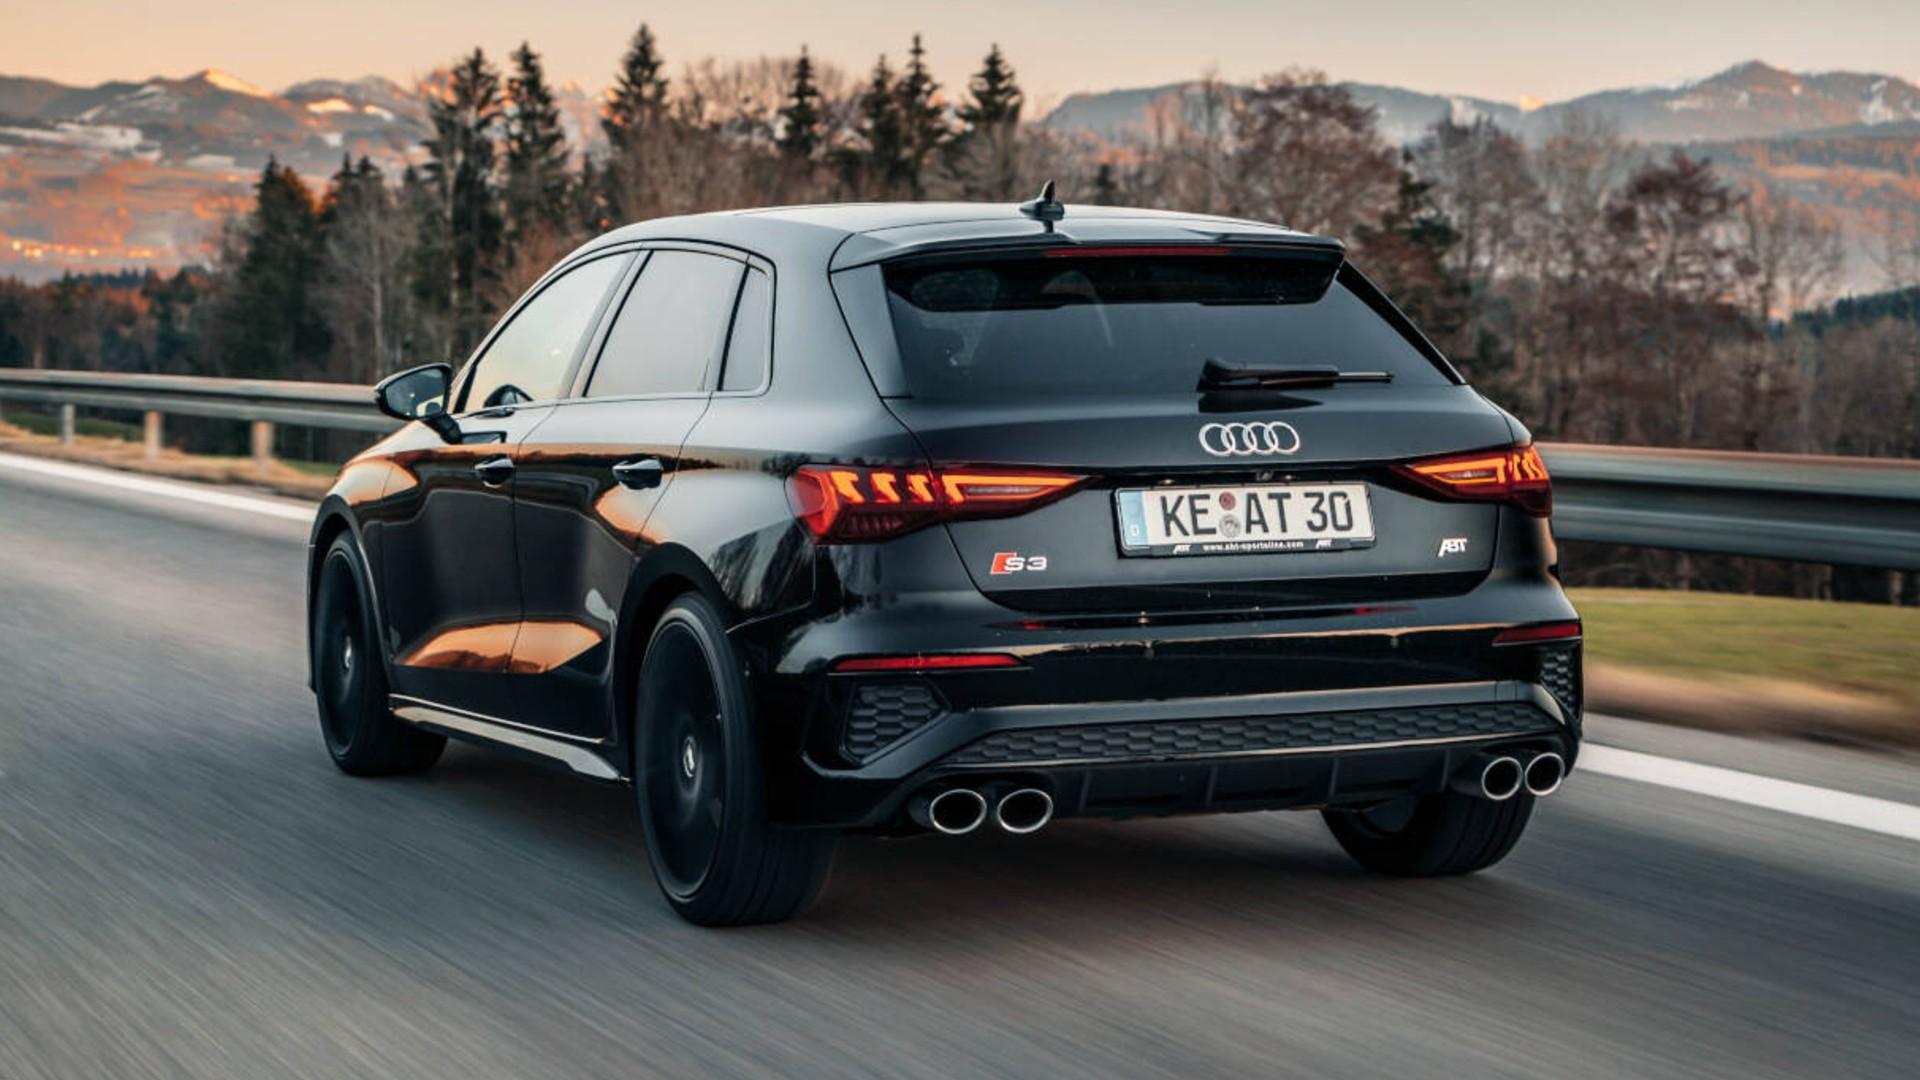 Βελτιωμένο Audi S3 Sportback από την ΑΒΤ [vid]